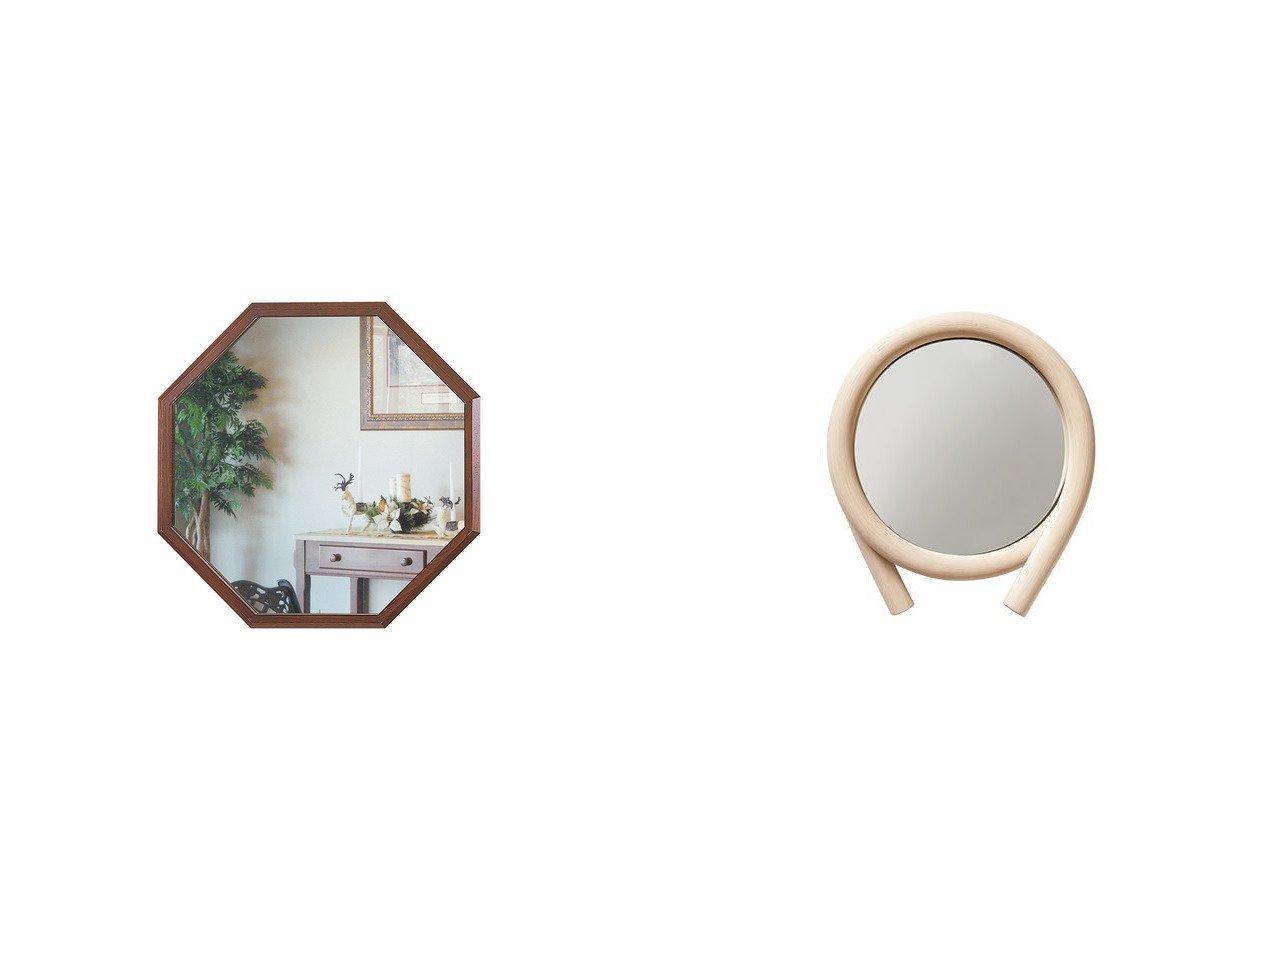 【FLYMEe vert/フライミー ヴェール】の八角形鏡 m77139&ワワ(ナチュラル) 【FURNITURE】おすすめ!人気、インテリア雑貨・家具の通販 おすすめで人気の流行・トレンド、ファッションの通販商品 インテリア・家具・メンズファッション・キッズファッション・レディースファッション・服の通販 founy(ファニー) https://founy.com/ 送料無料 Free Shipping ウッド シンプル フレーム ホーム・キャンプ・アウトドア Home,Garden,Outdoor,Camping Gear 家具・インテリア Furniture ミラー・ドレッサー Mirror ミラー・鏡 ホーム・キャンプ・アウトドア Home,Garden,Outdoor,Camping Gear 家具・インテリア Furniture ミラー・ドレッサー Mirror ドレッサー  ID:crp329100000055501